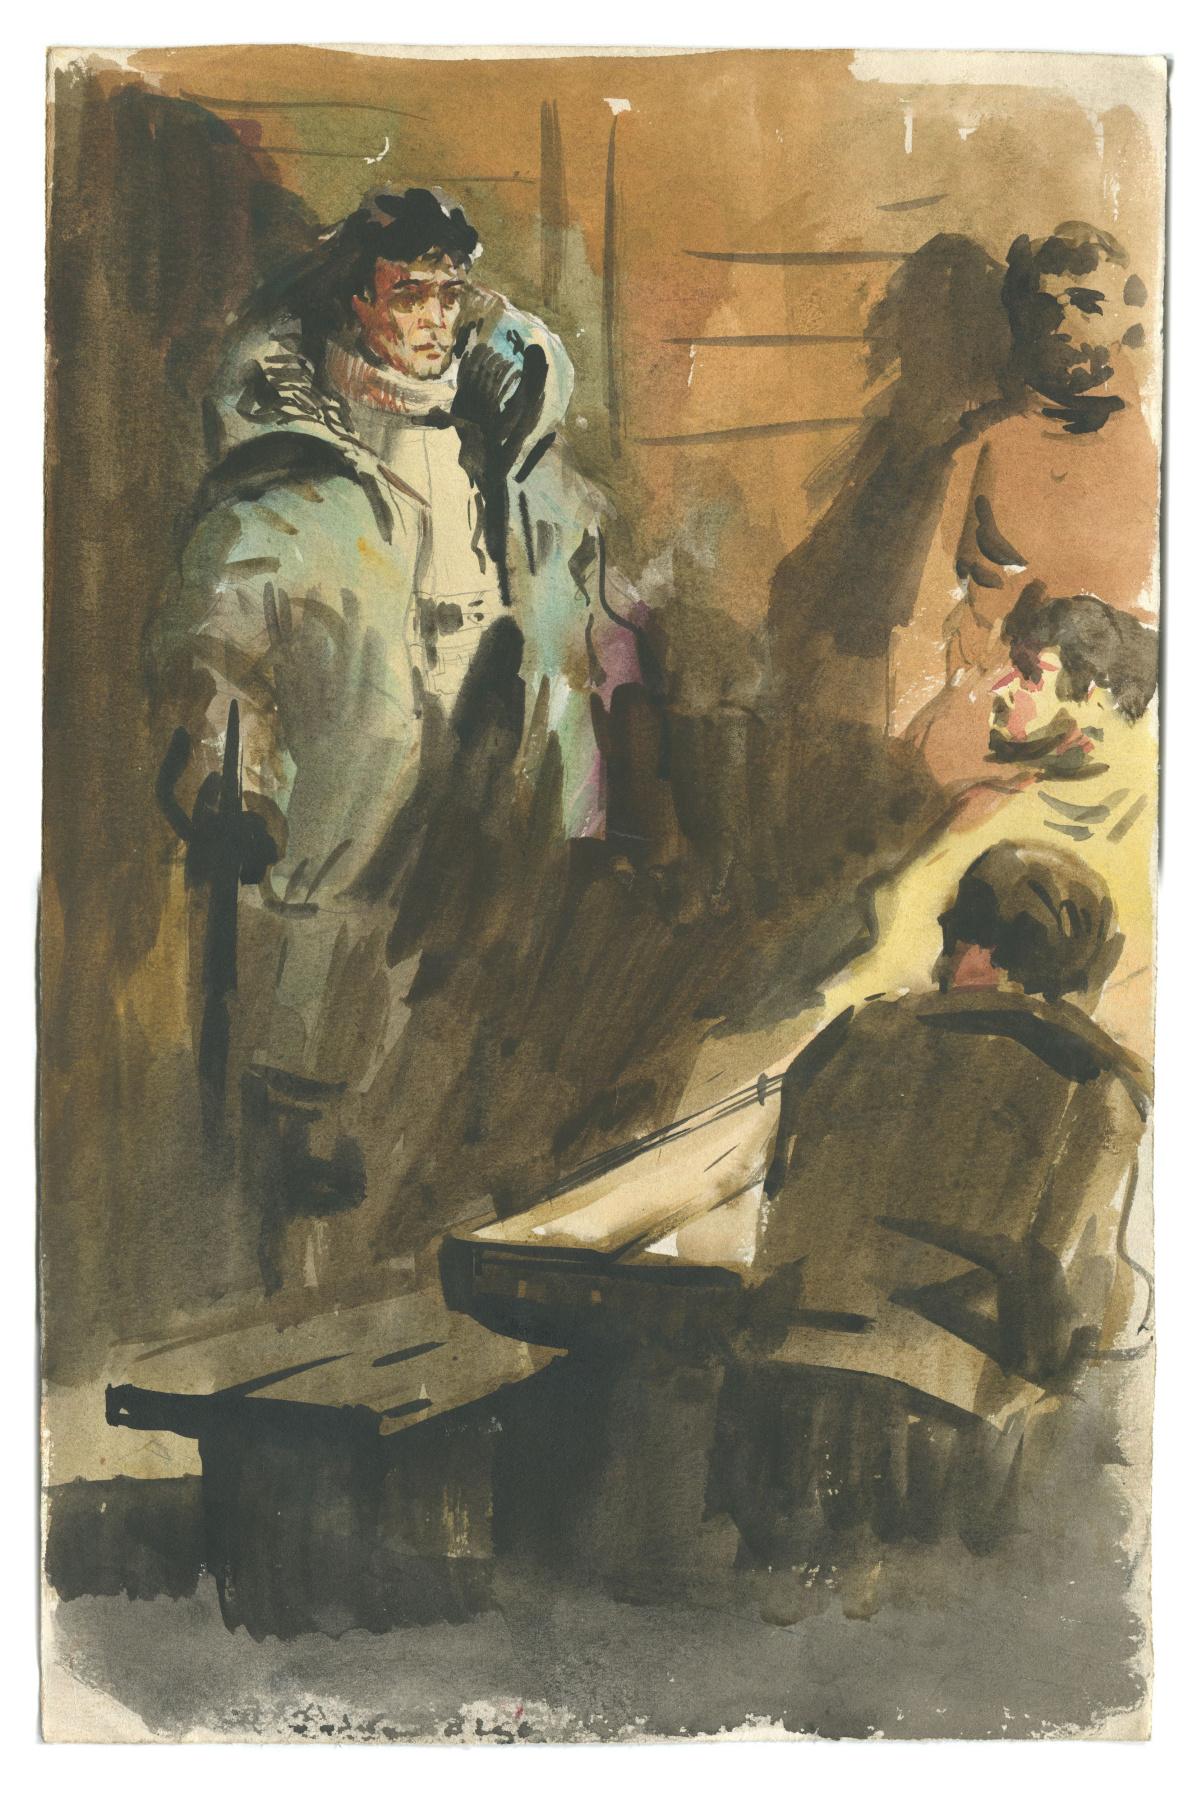 Alexandrovich Rudolf Pavlov. Illustration